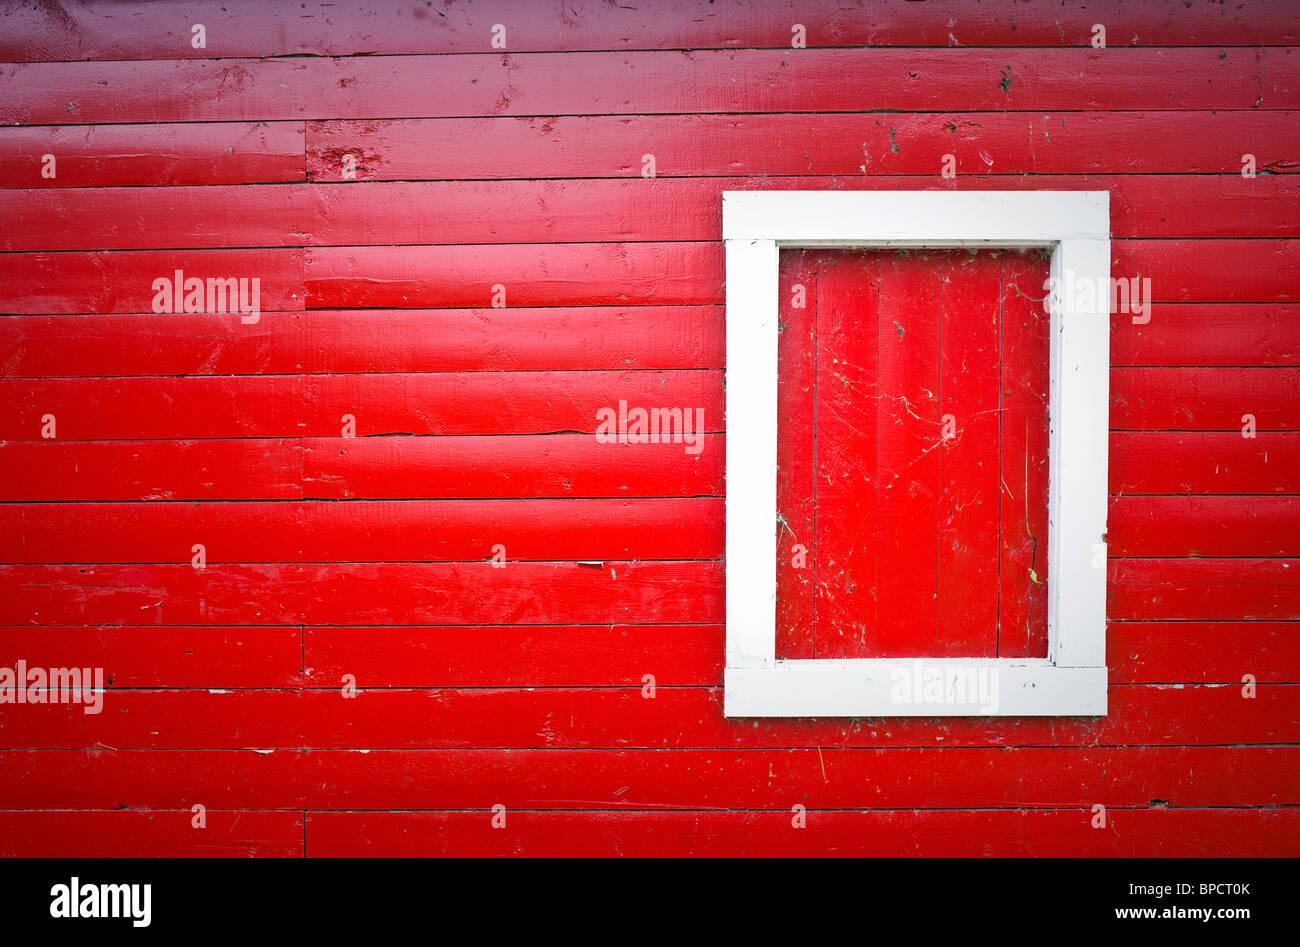 Rote Scheune Holz Abstellgleis, weiße Fensterrahmen, Hecla Dorf, Hecla Island Provincial Park, Manitoba, Kanada. Stockbild